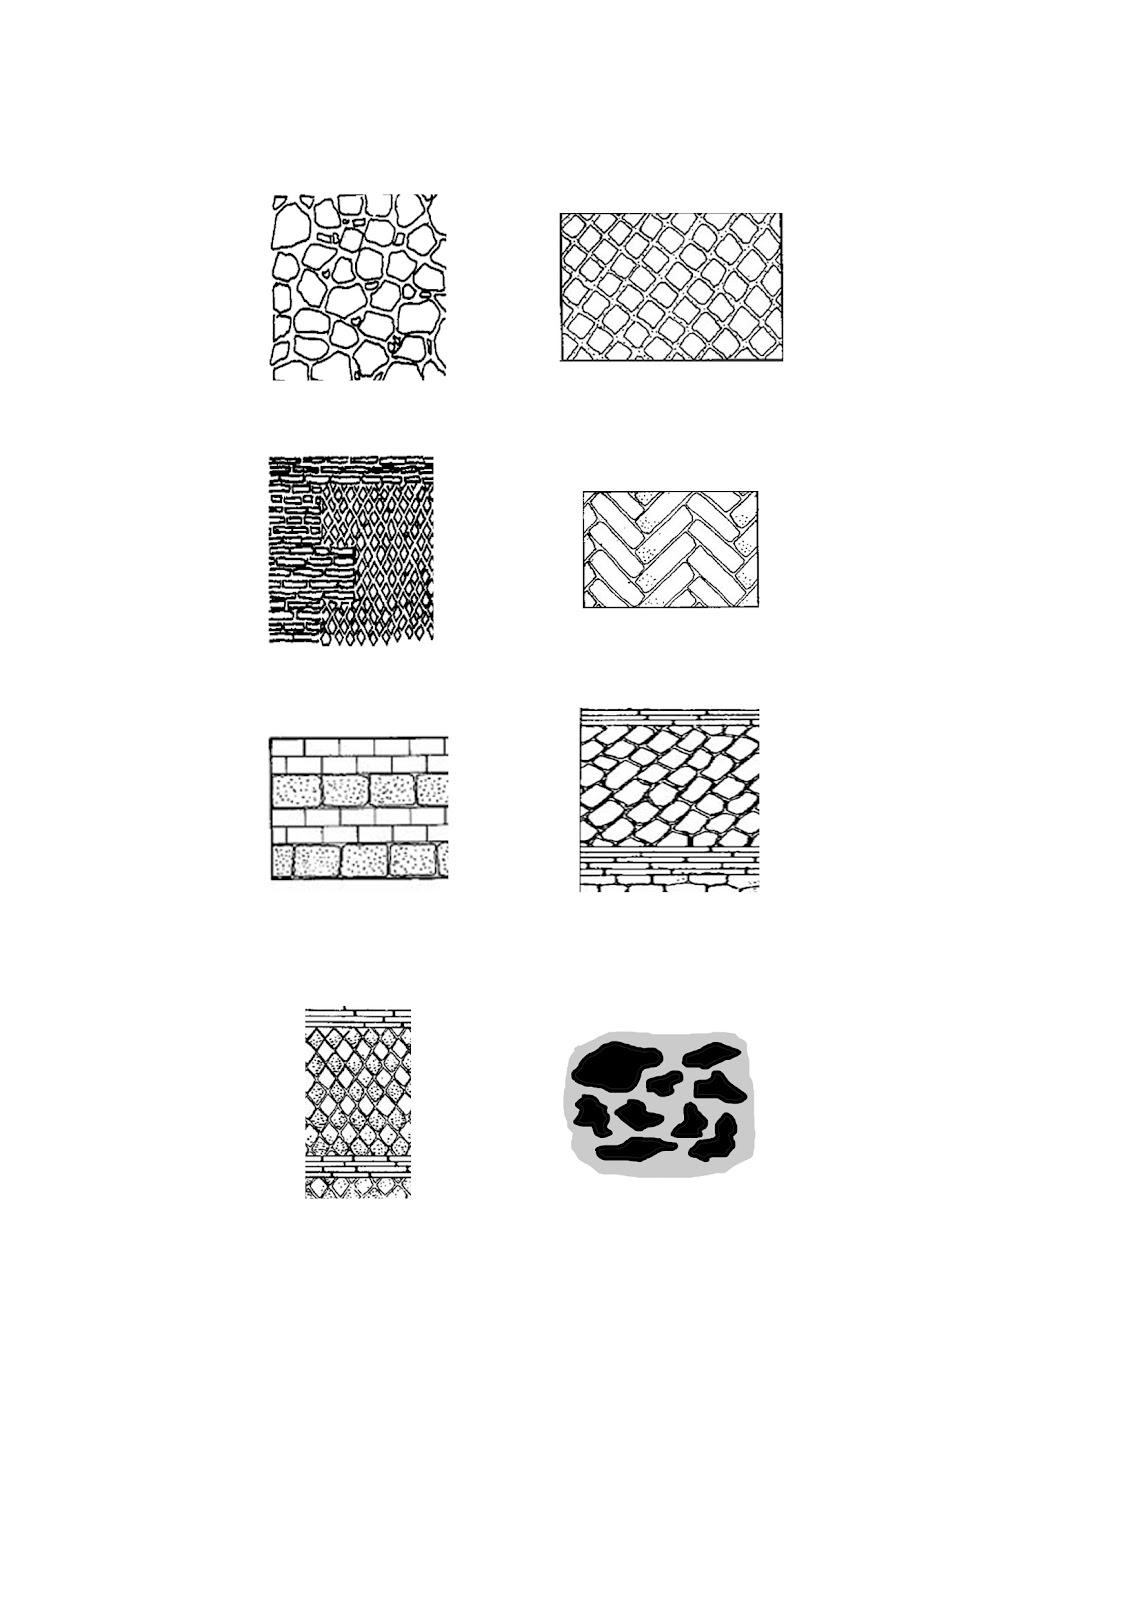 El libro de la piedra mamposteria - Tipos de mamposteria de piedra ...